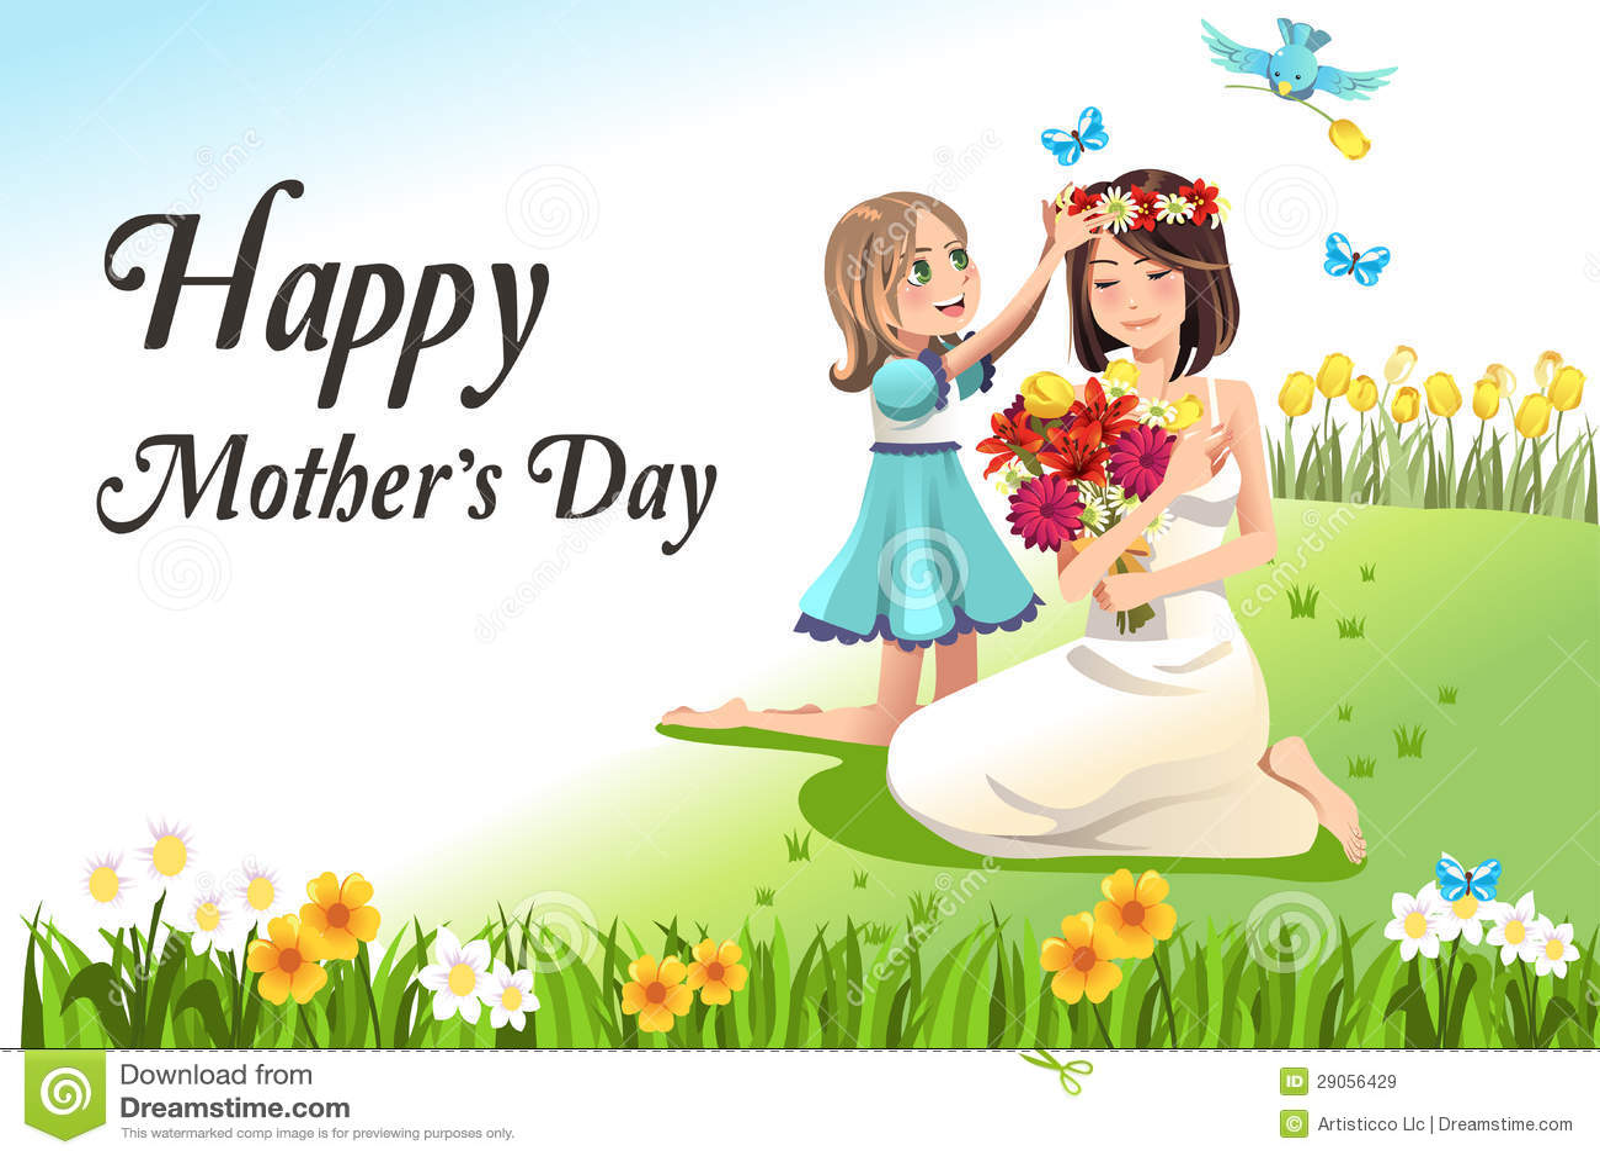 Поздравление на день матери по английски